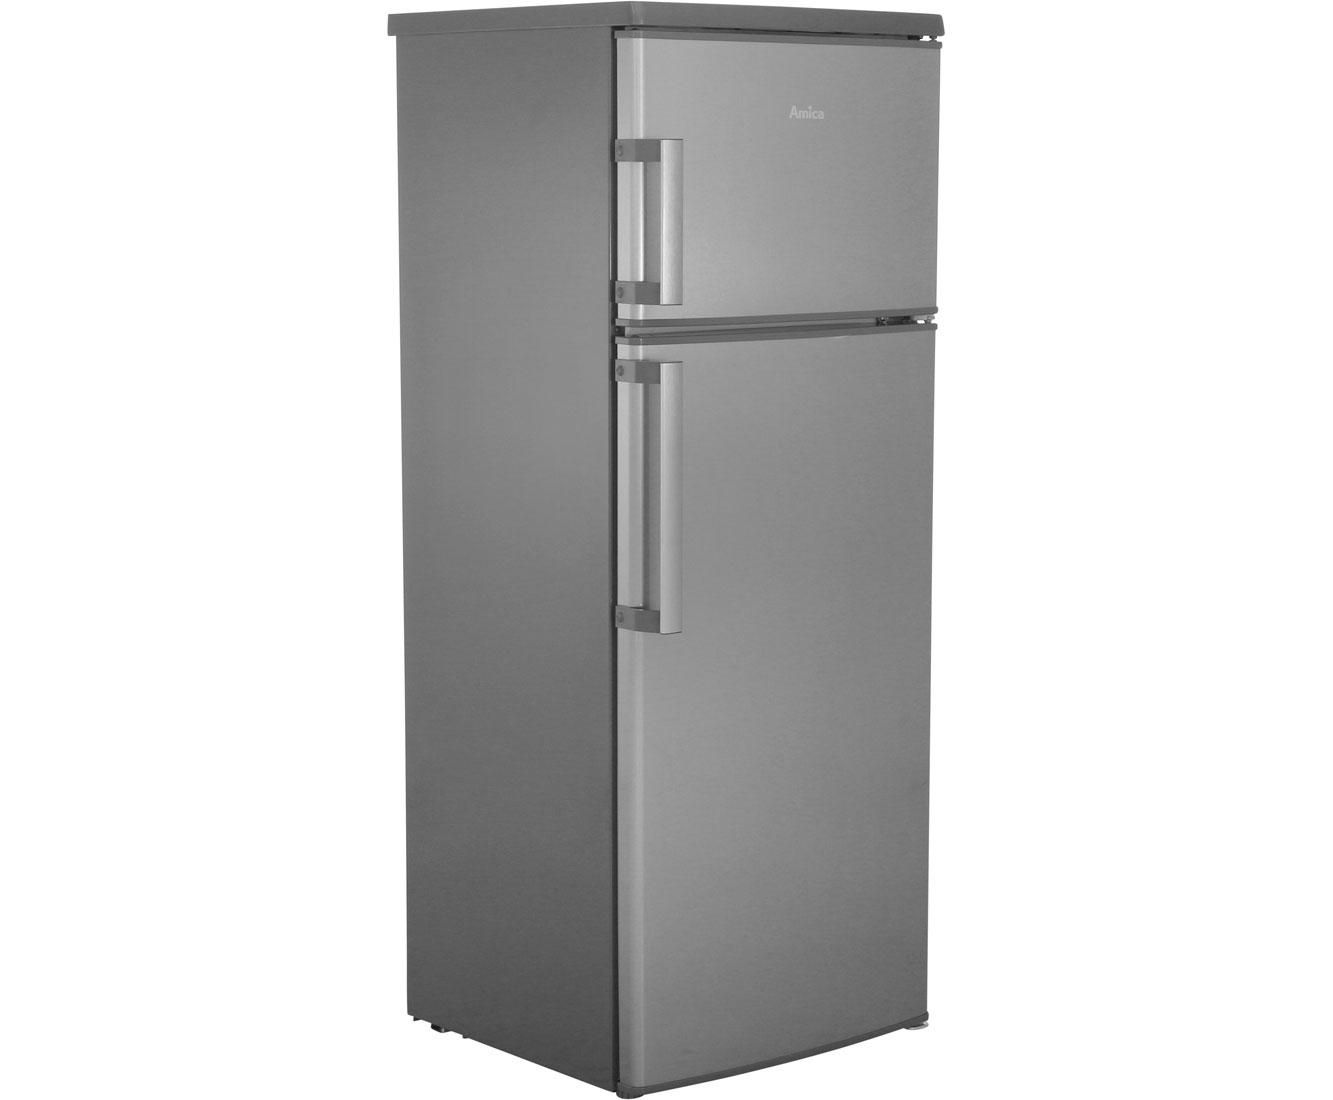 Amica Kühlschrank Fächer : Amica kgc e kühl gefrierkombination er breite edelstahl